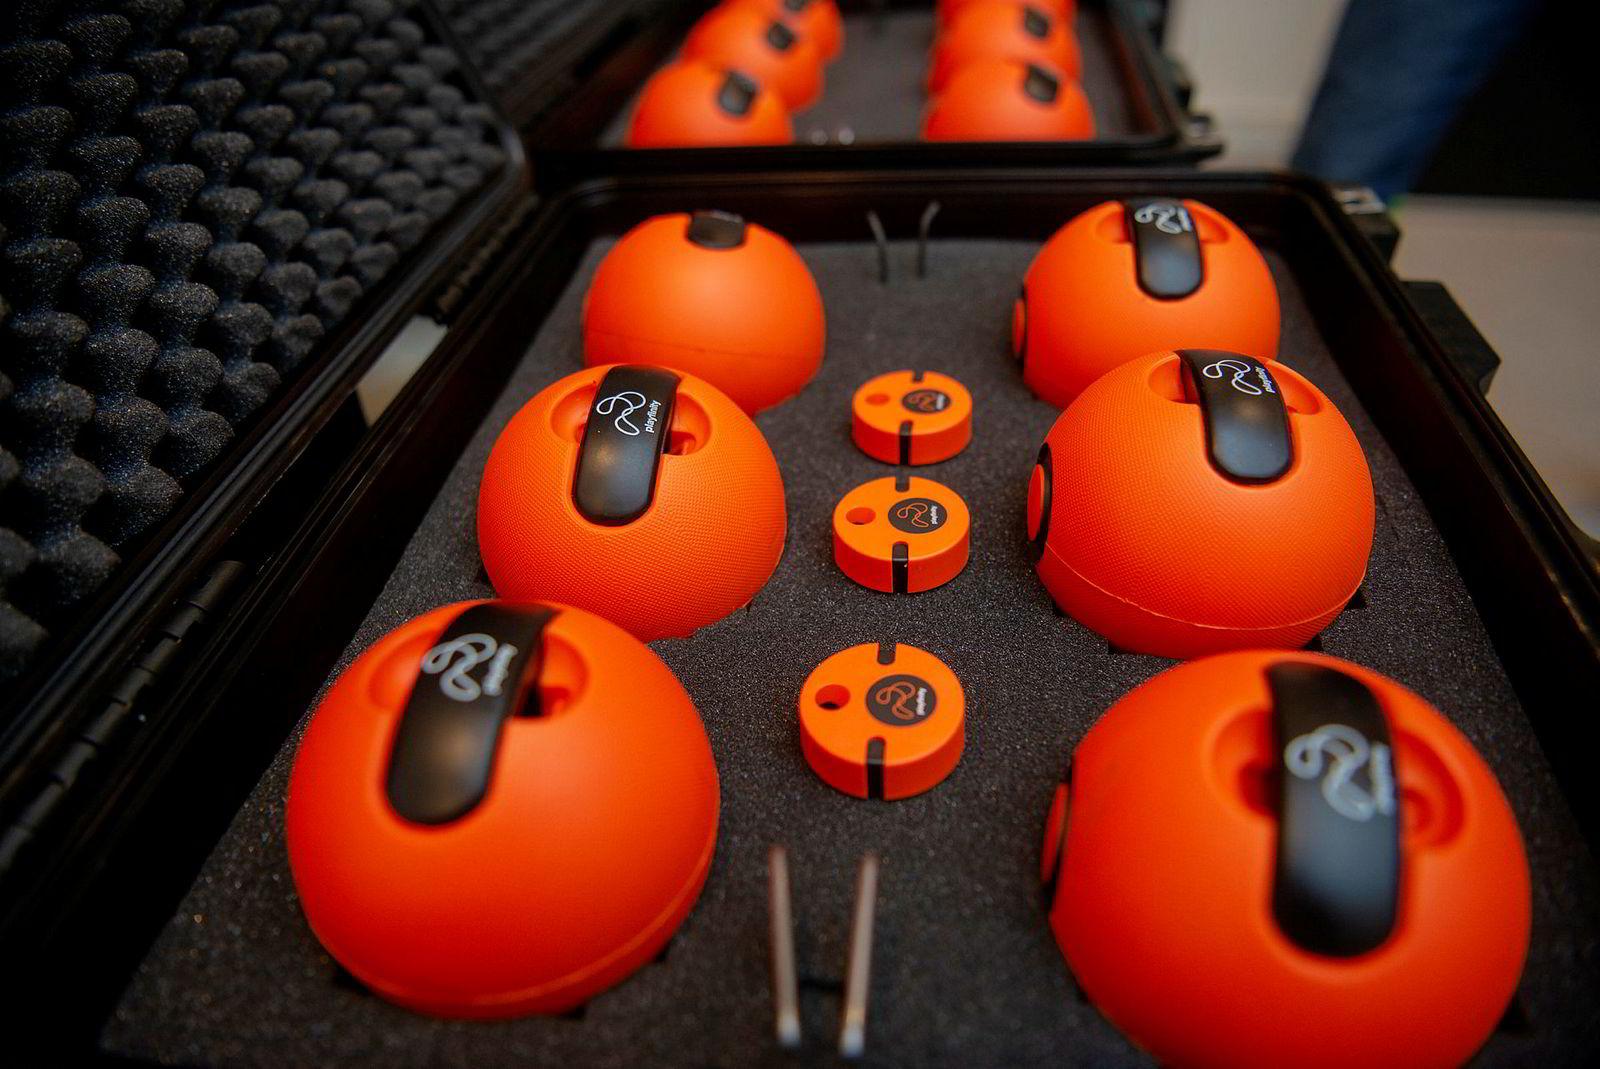 Playfinitys kjerneprodukt er sensoren som ligger i midten. Ballene på bildet er bare et eksempel på flere typer kastegjenstander man kan bruke.